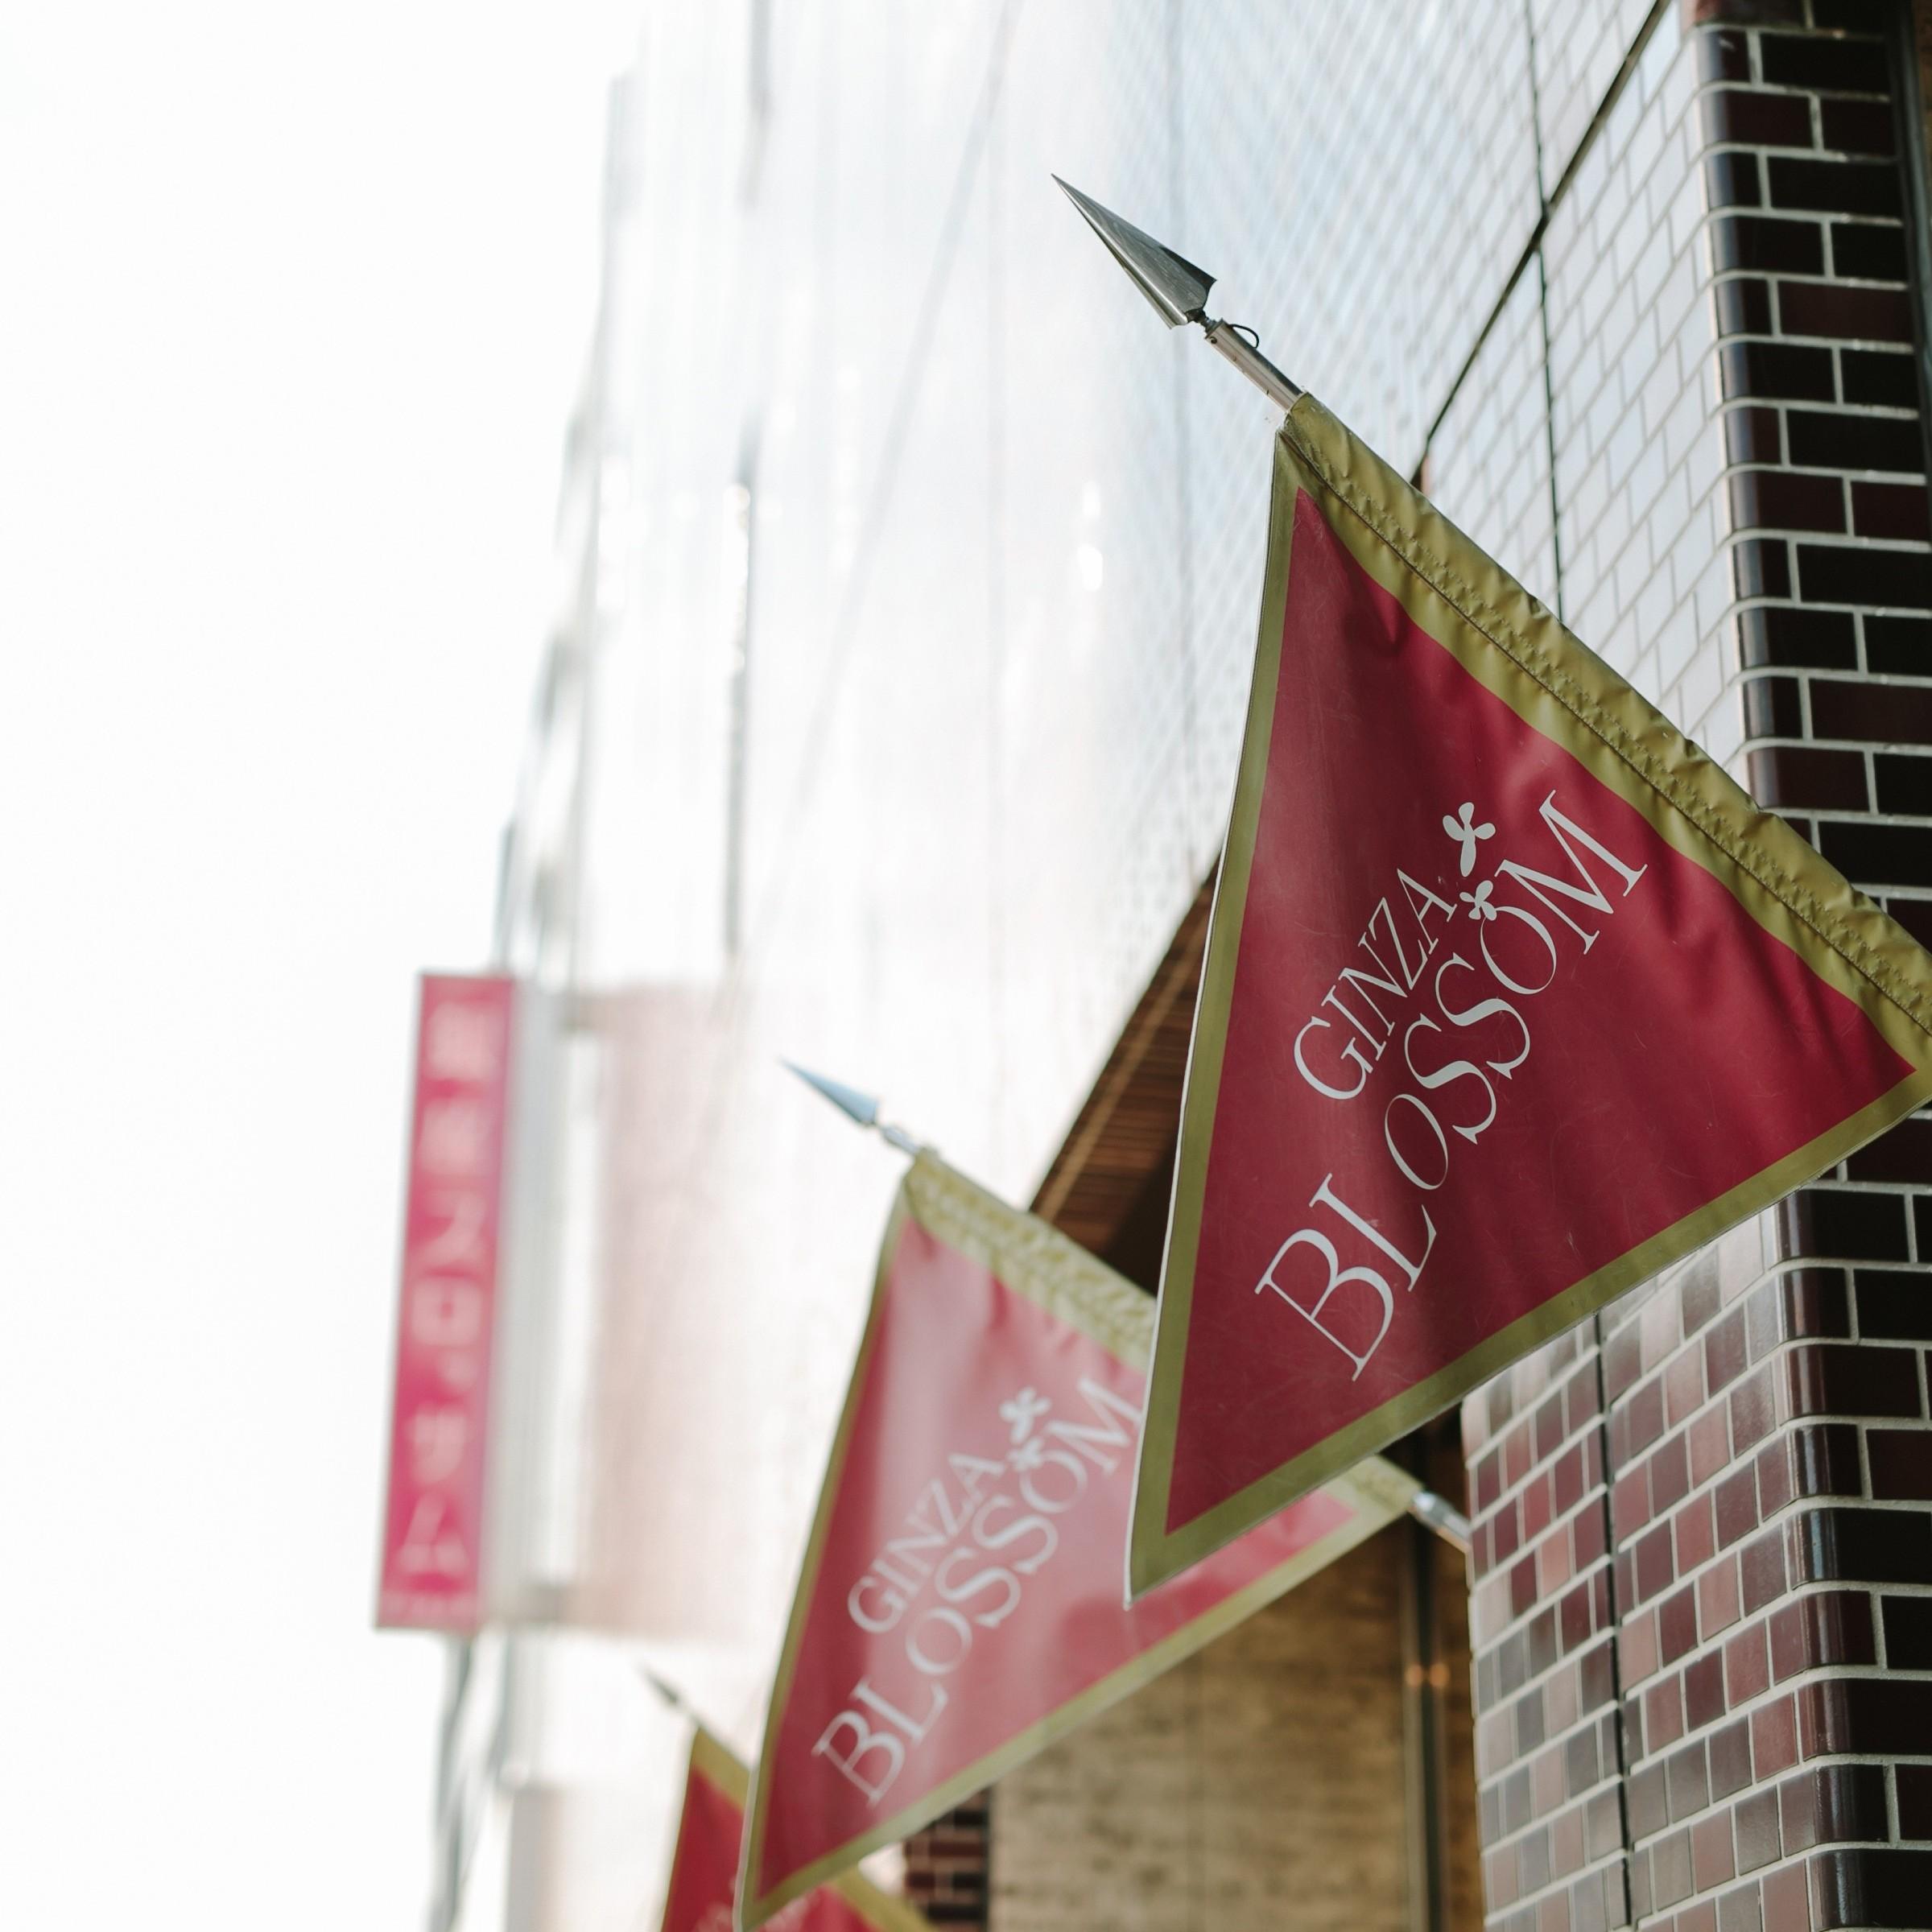 銀座ブロッサム レストラン休業のお知らせ